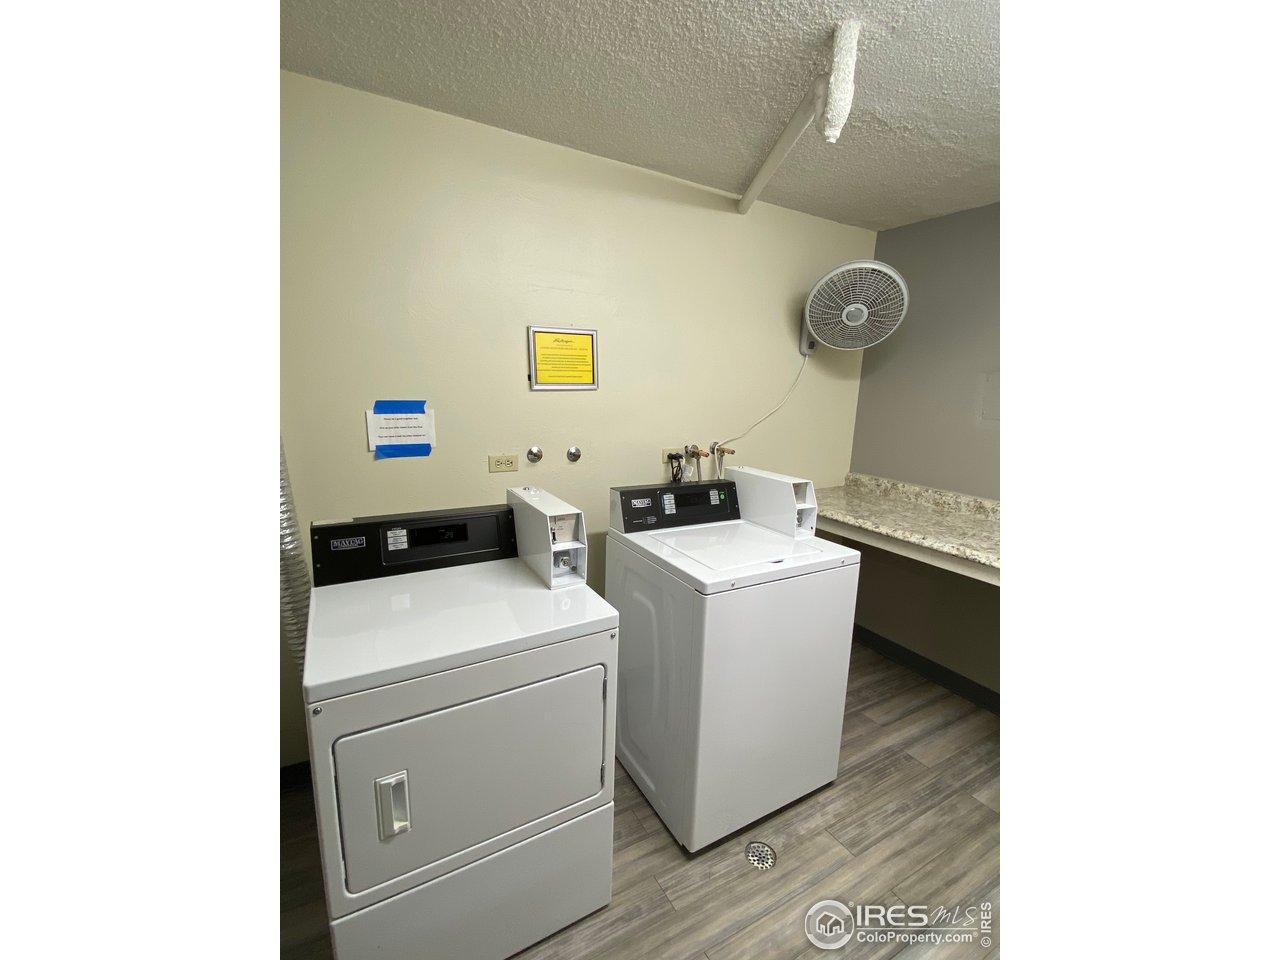 laundry on each floor